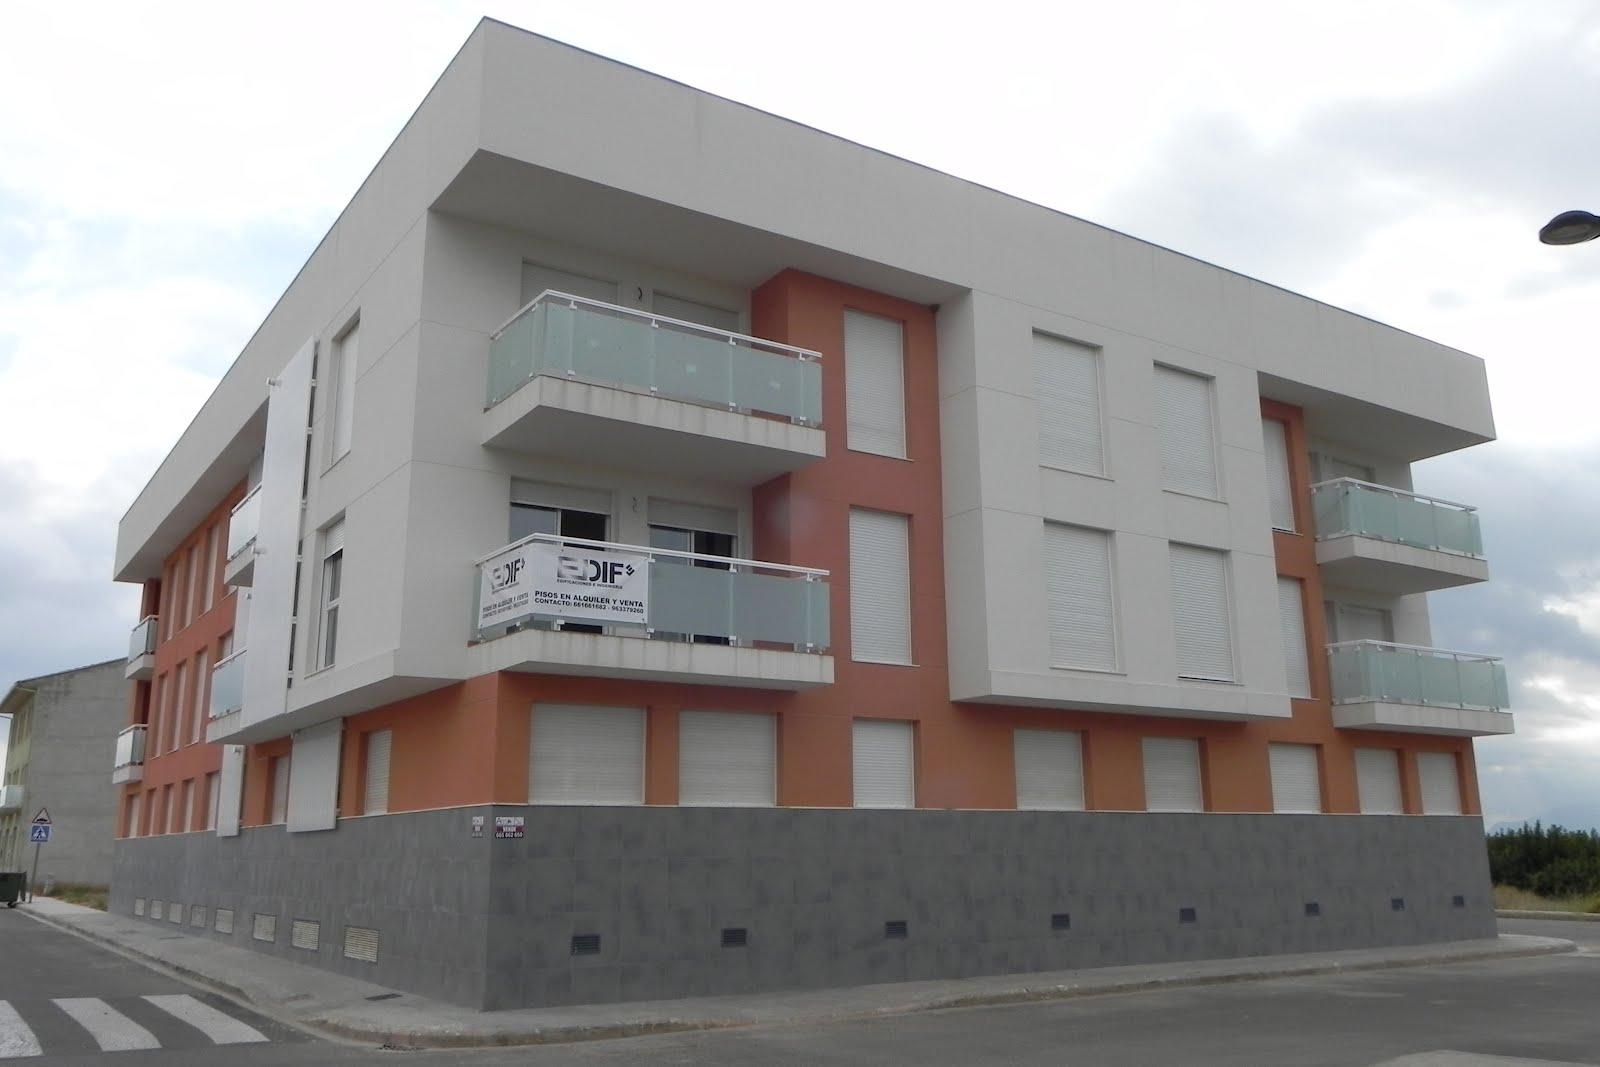 Arquitecto tecnico e ingeniero de edificacion 17 - Arquitecto tecnico valencia ...